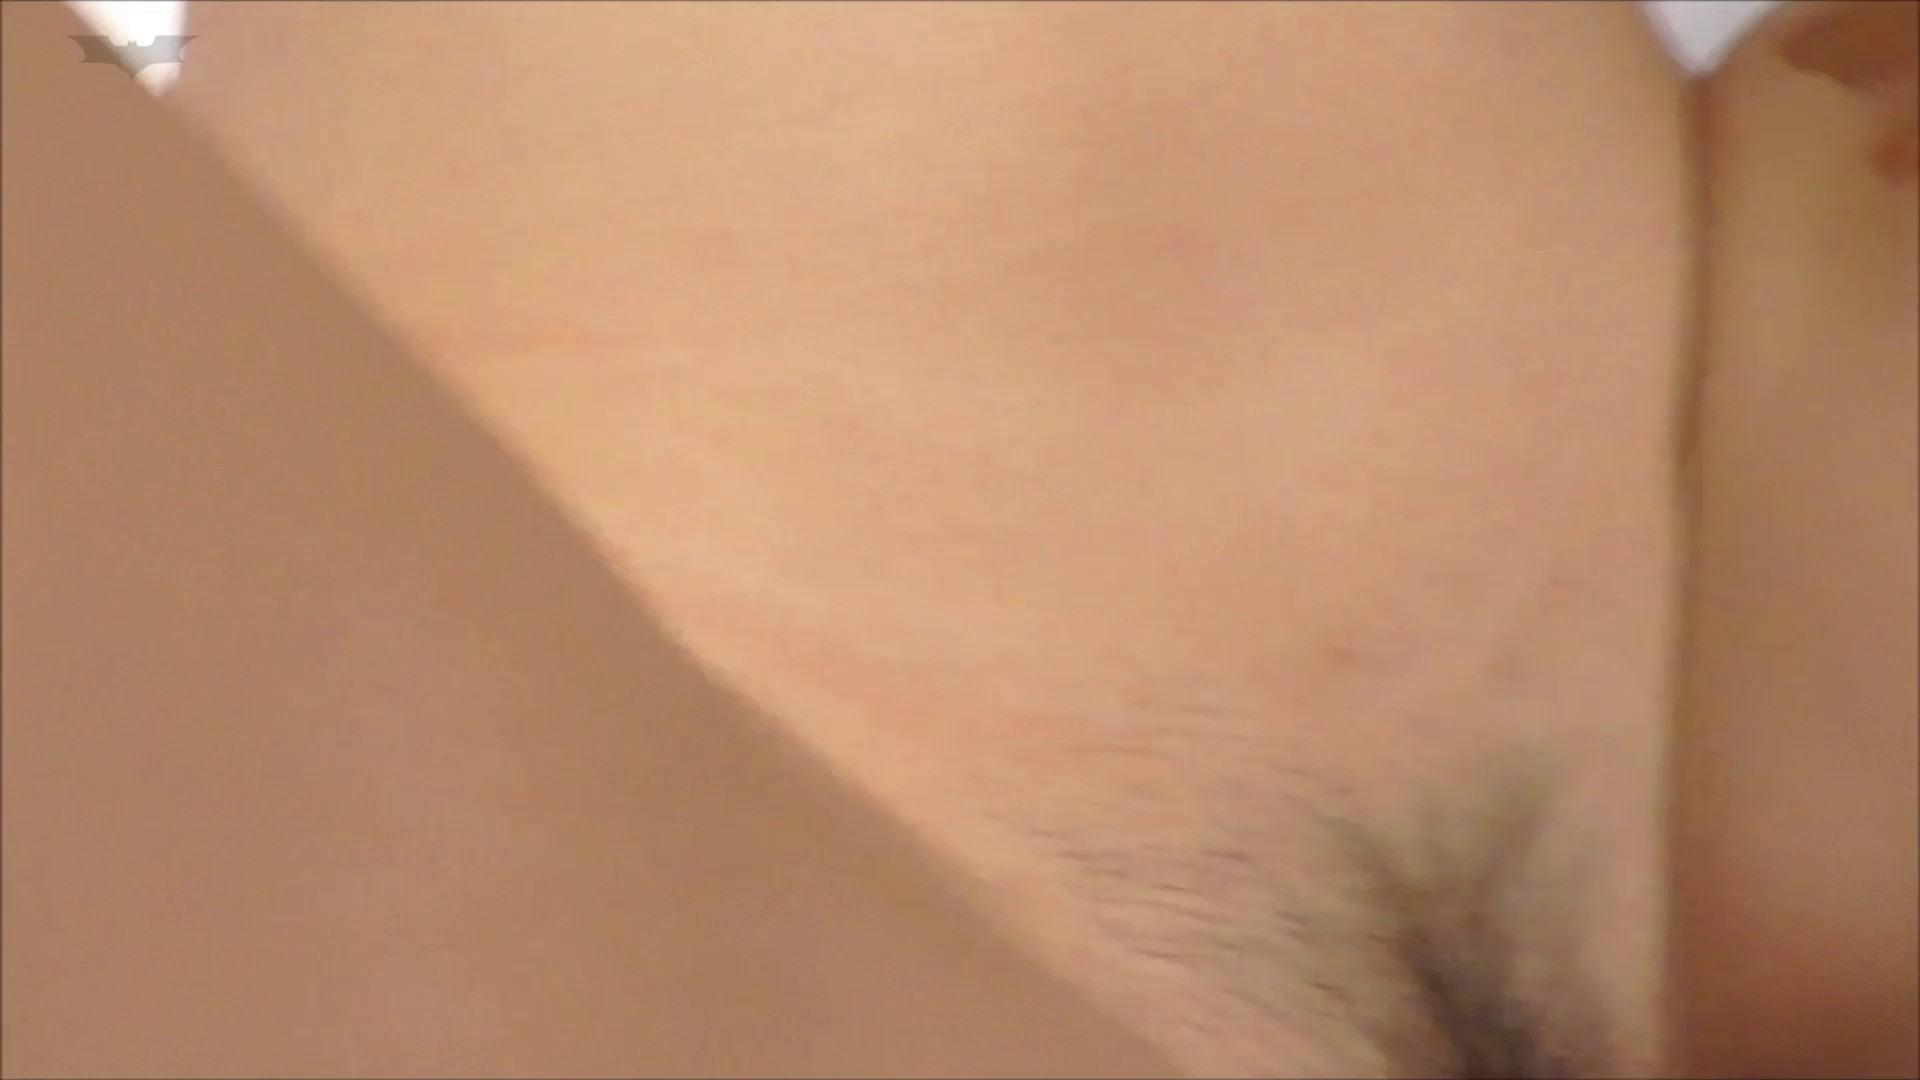 内緒でデリヘル盗撮 Vol.03中編 美肌、美人のデリ嬢にいよいよ挿入! 丸見え すけべAV動画紹介 95枚 81